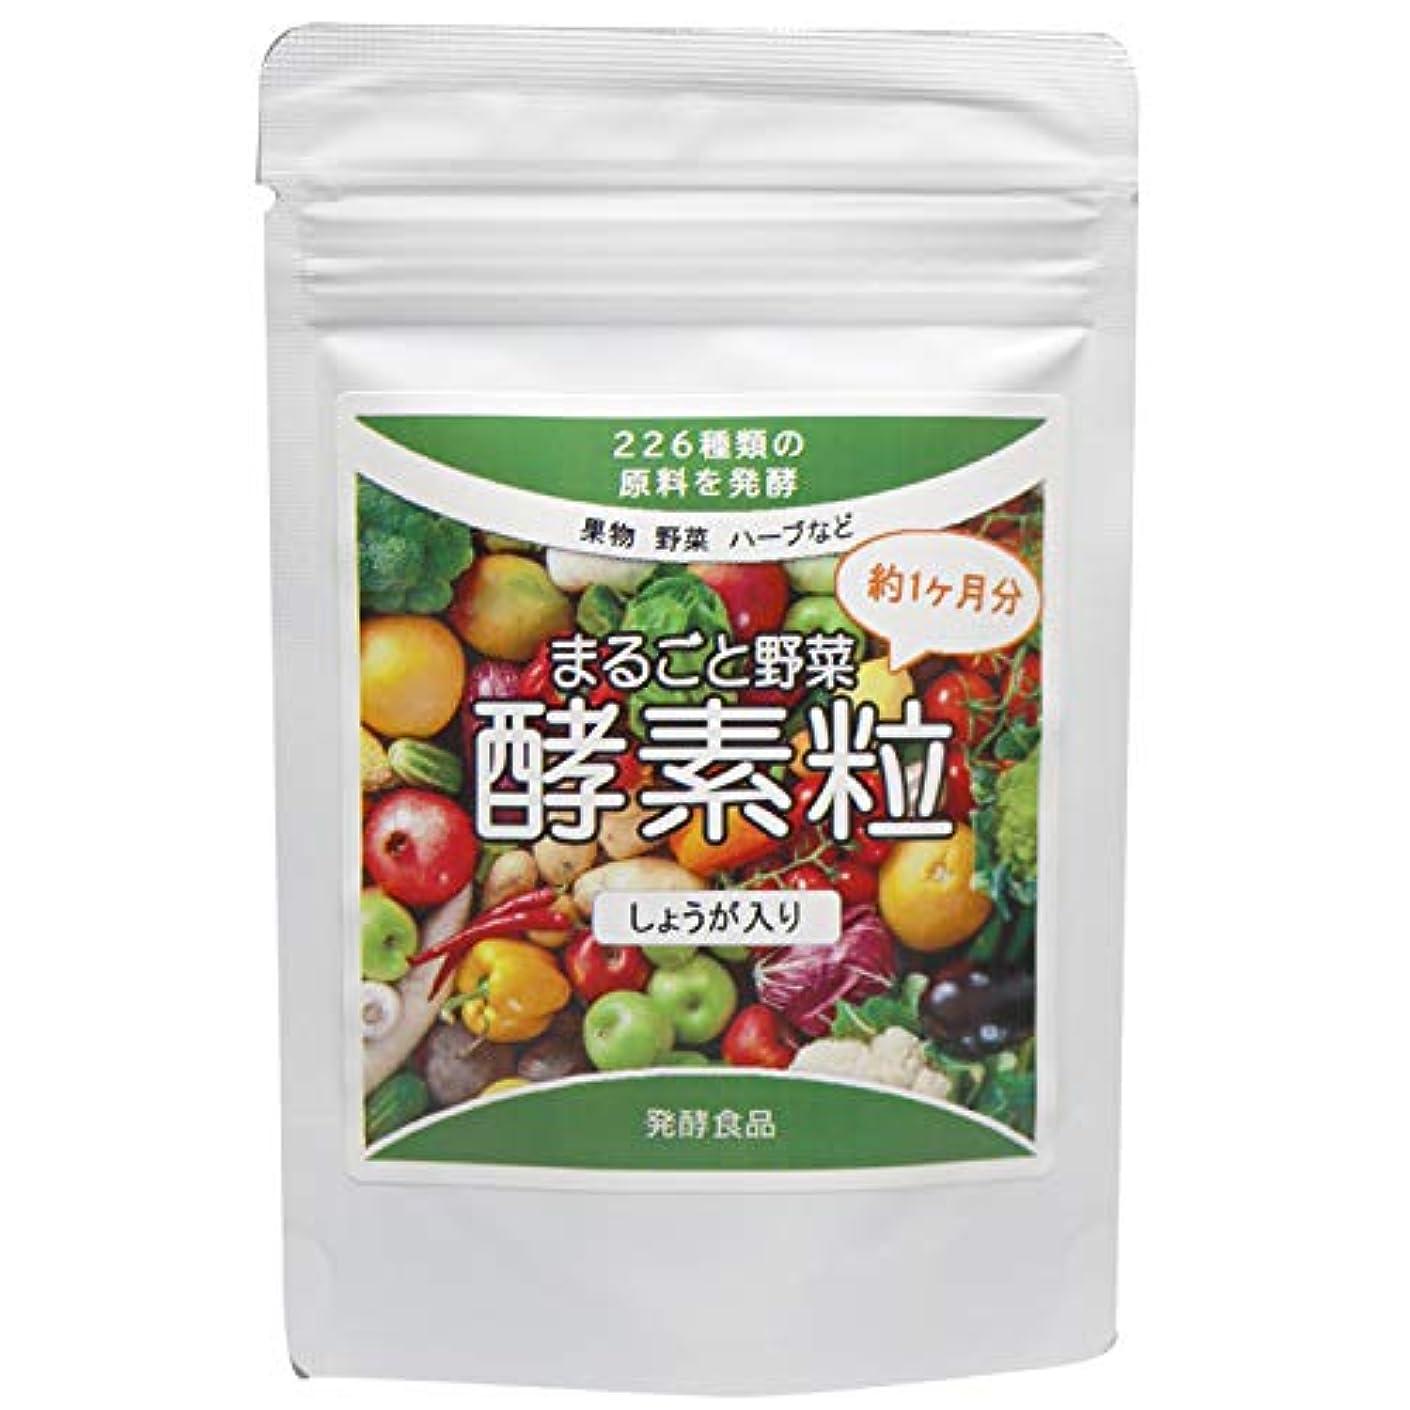 悪名高い珍しい君主制まるごと野菜酵素粒 226種類の野菜発酵(しょうが入り) 約4ヶ月分 (440mg×120粒)